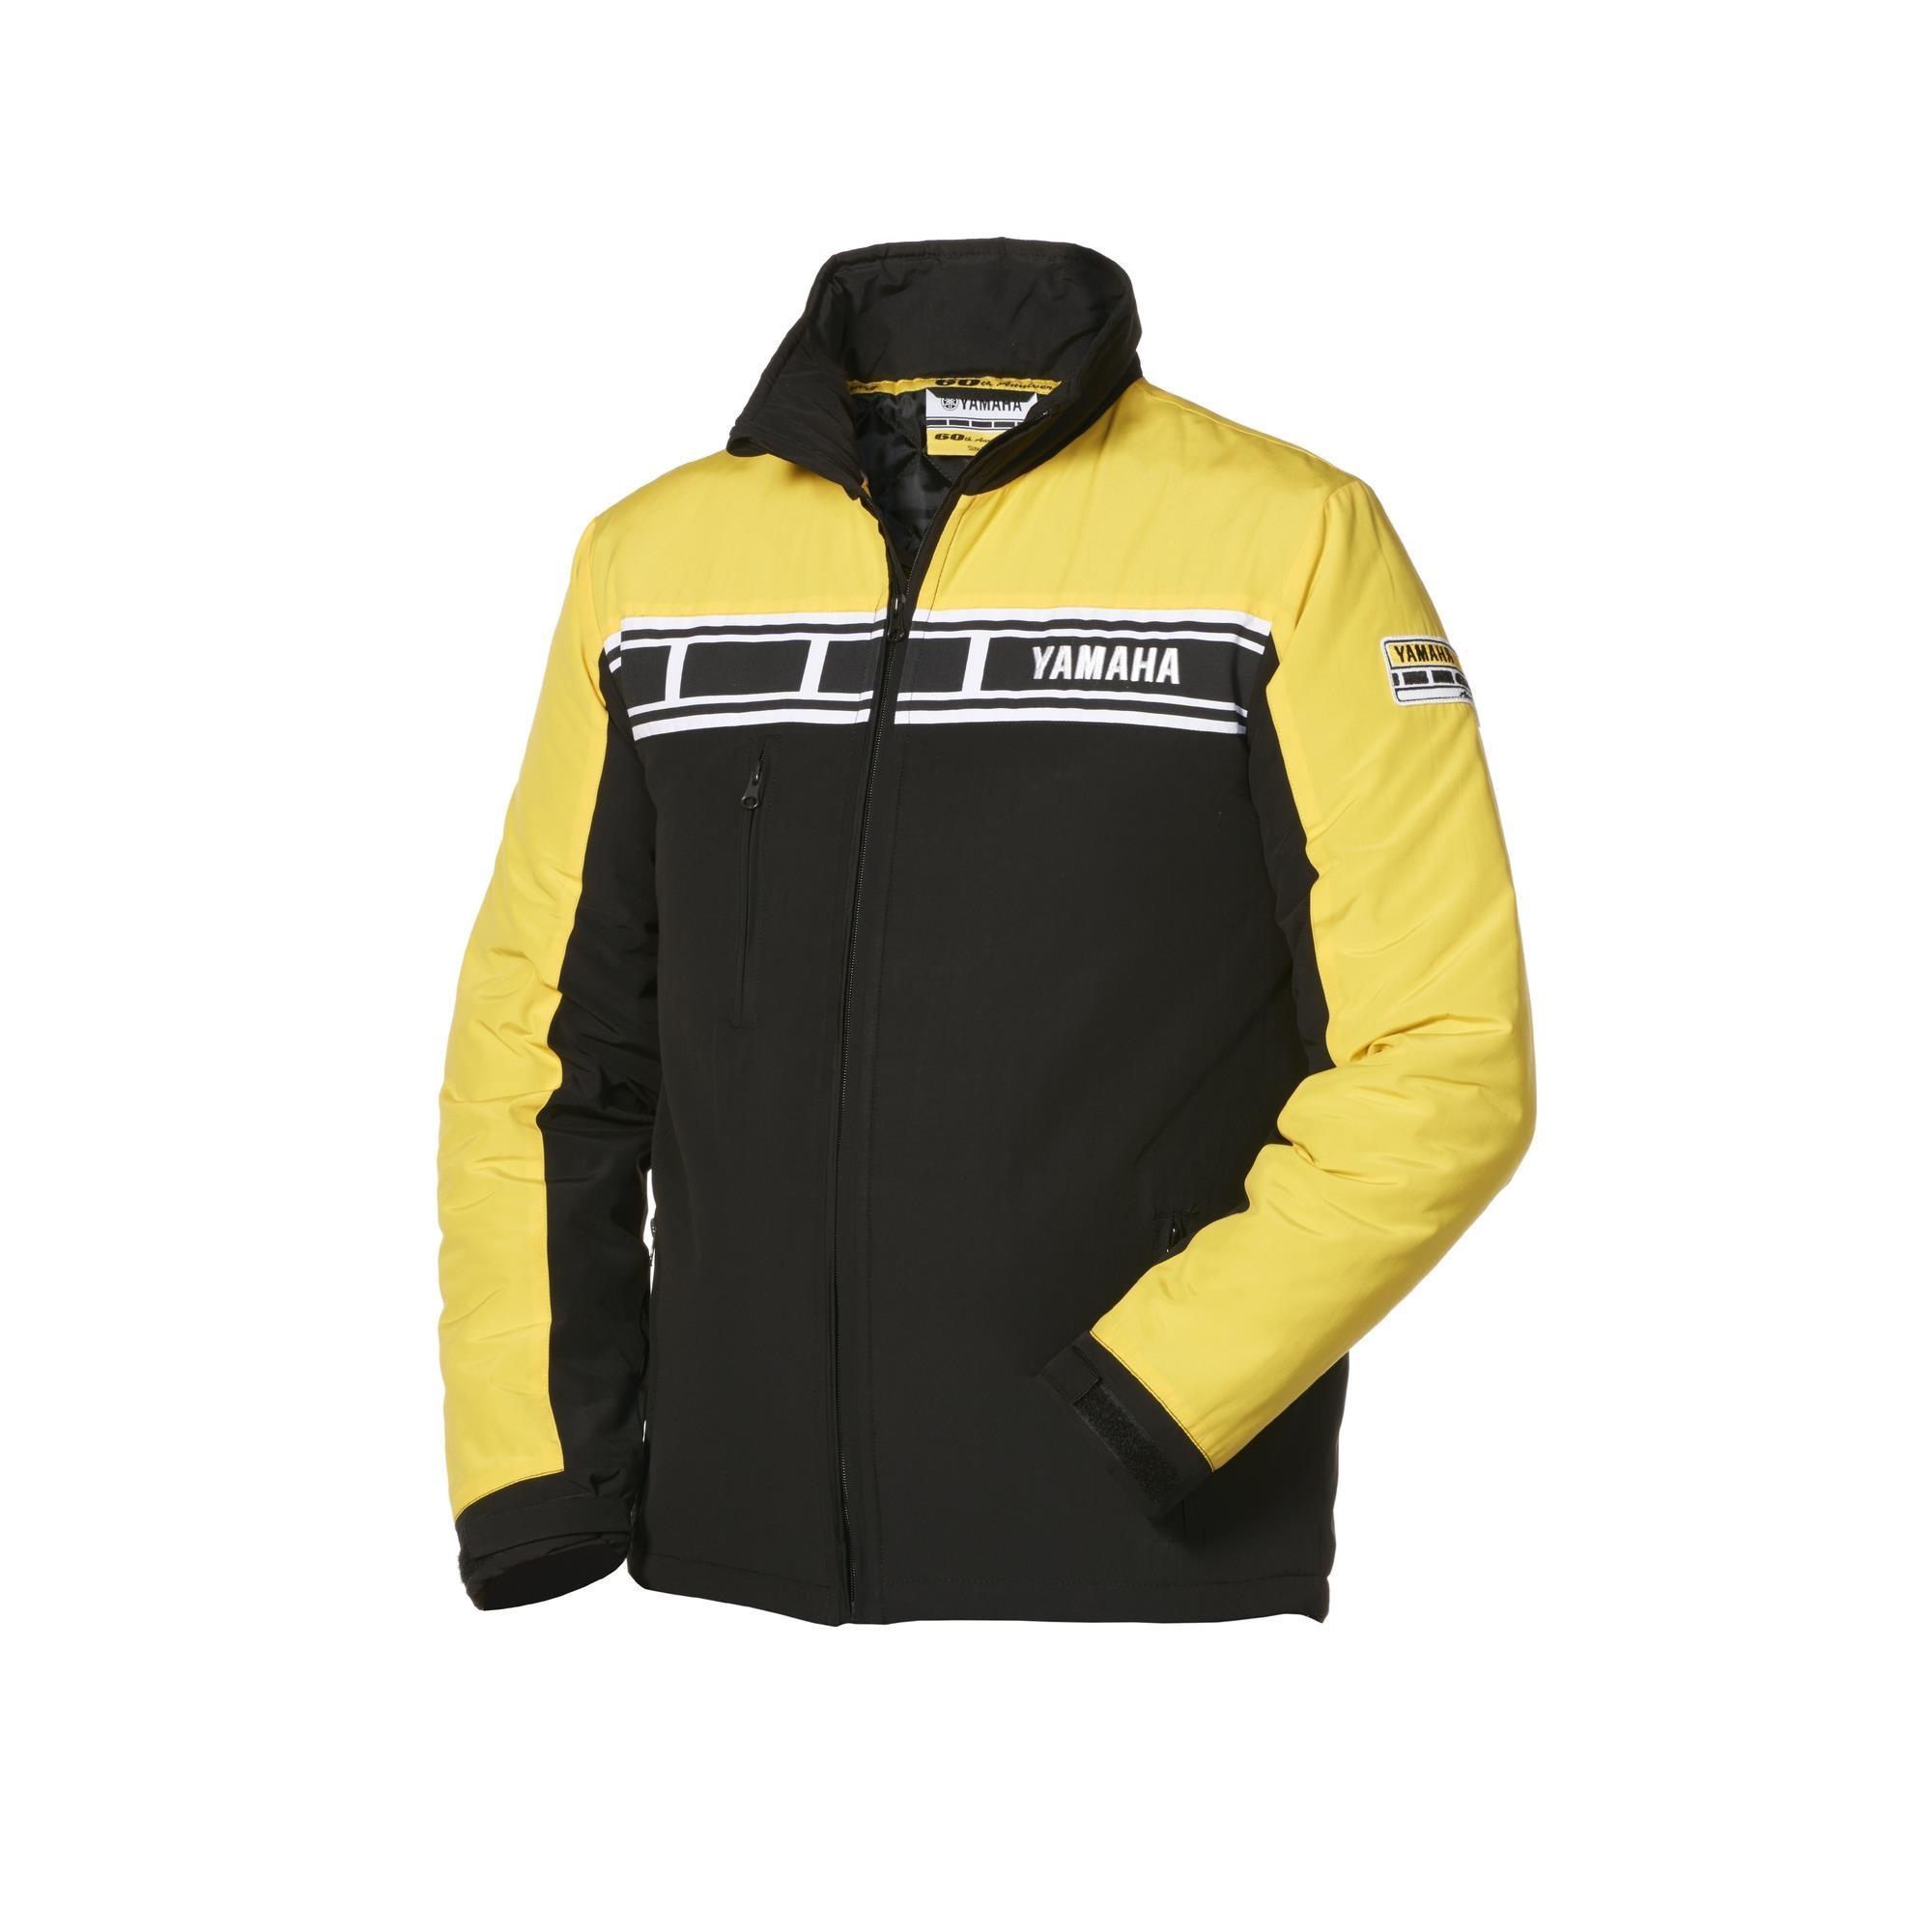 60th Anniversary Jacket Yamaha